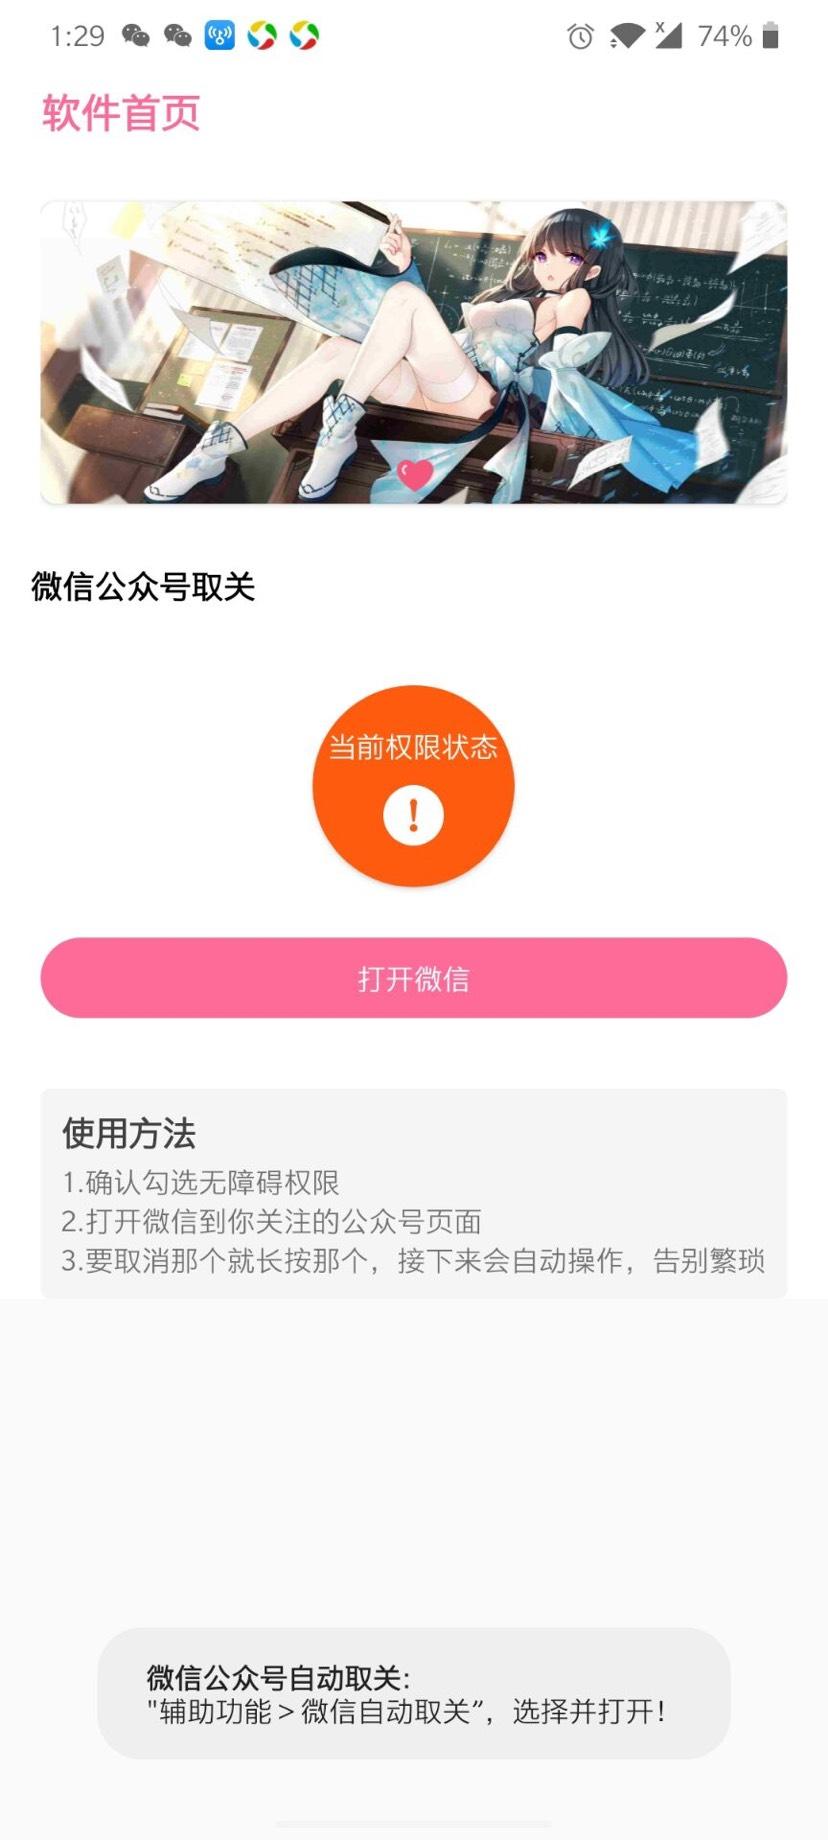 【实用工具】微信公众号自动取关